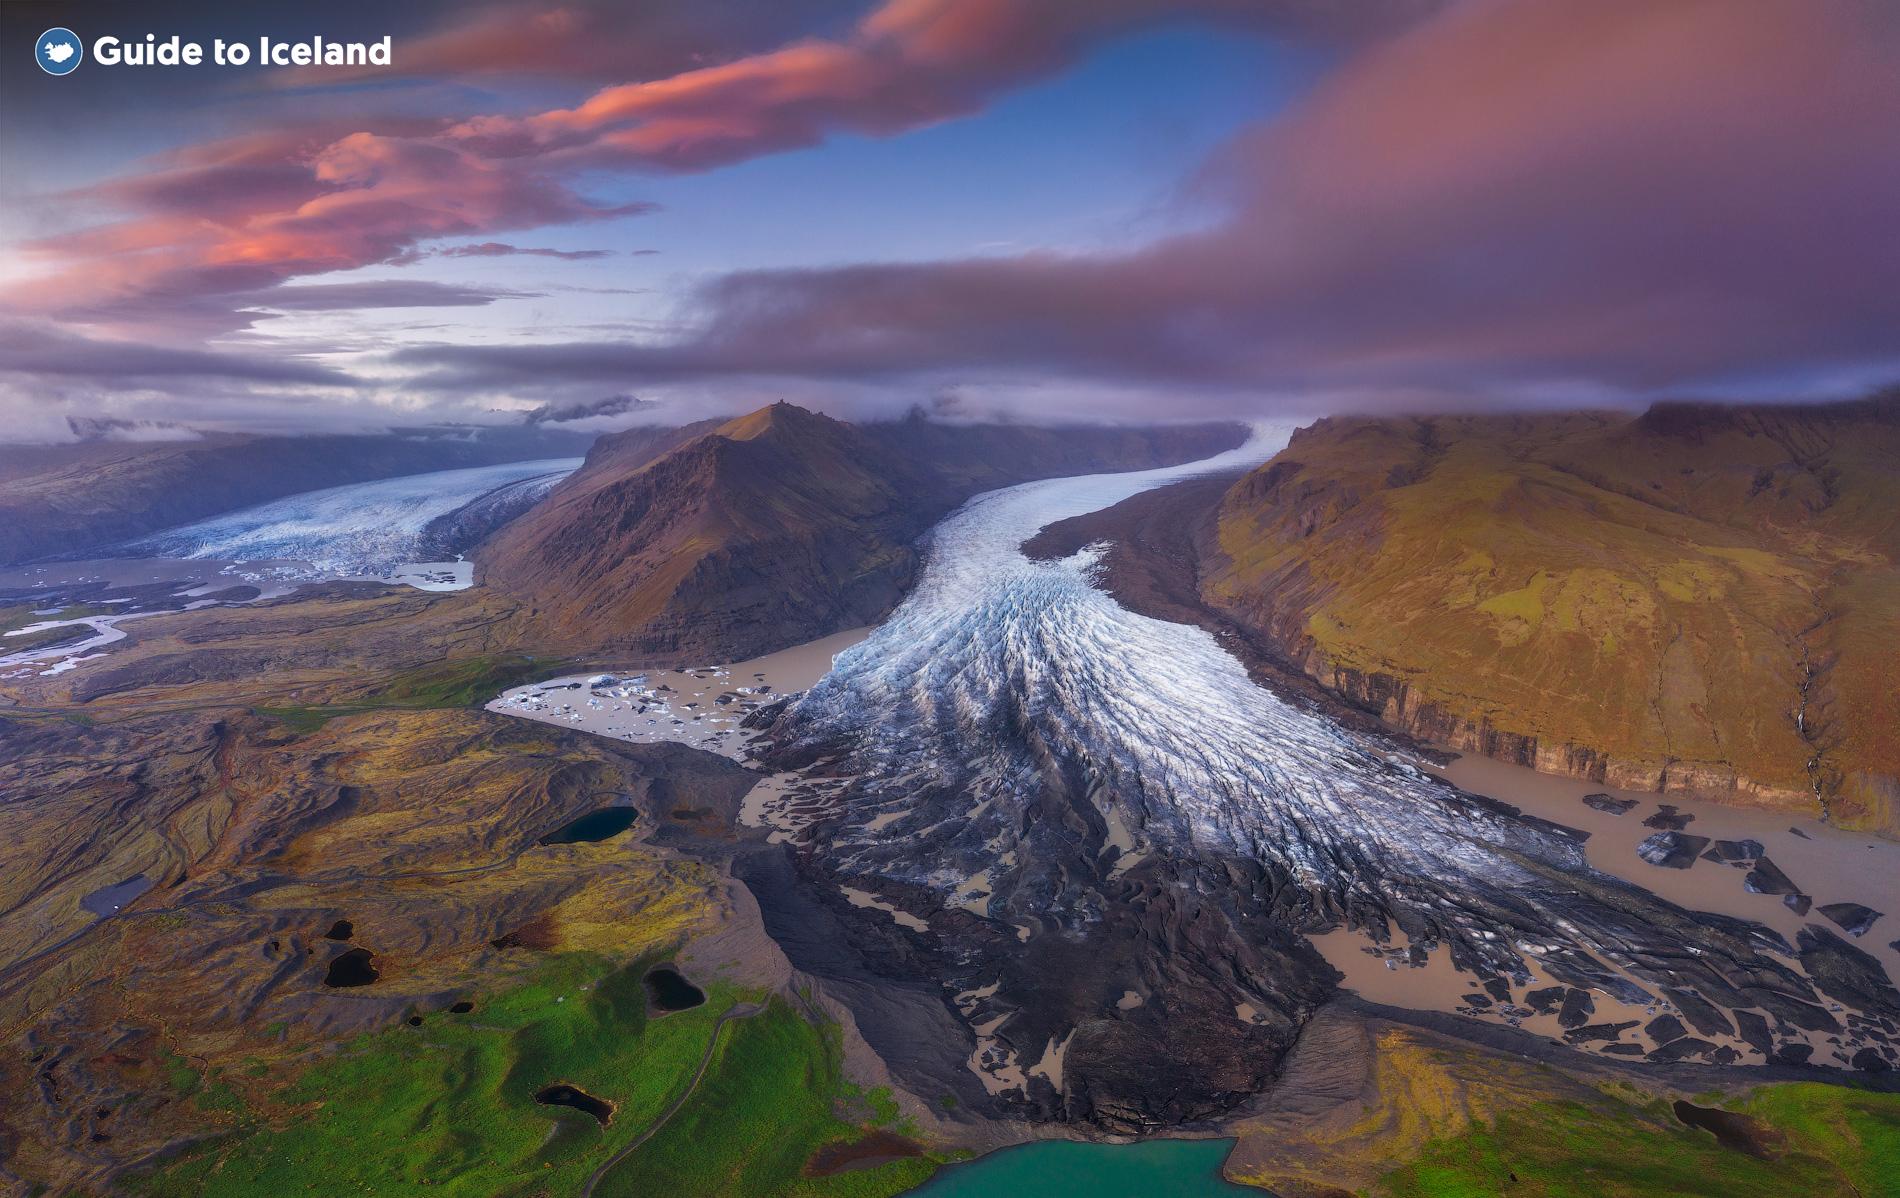 La réserve naturelle de Skaftafell se trouve à Öræfasveit, la région ouest d'Austur-Skaftafellssýsla en Islande.